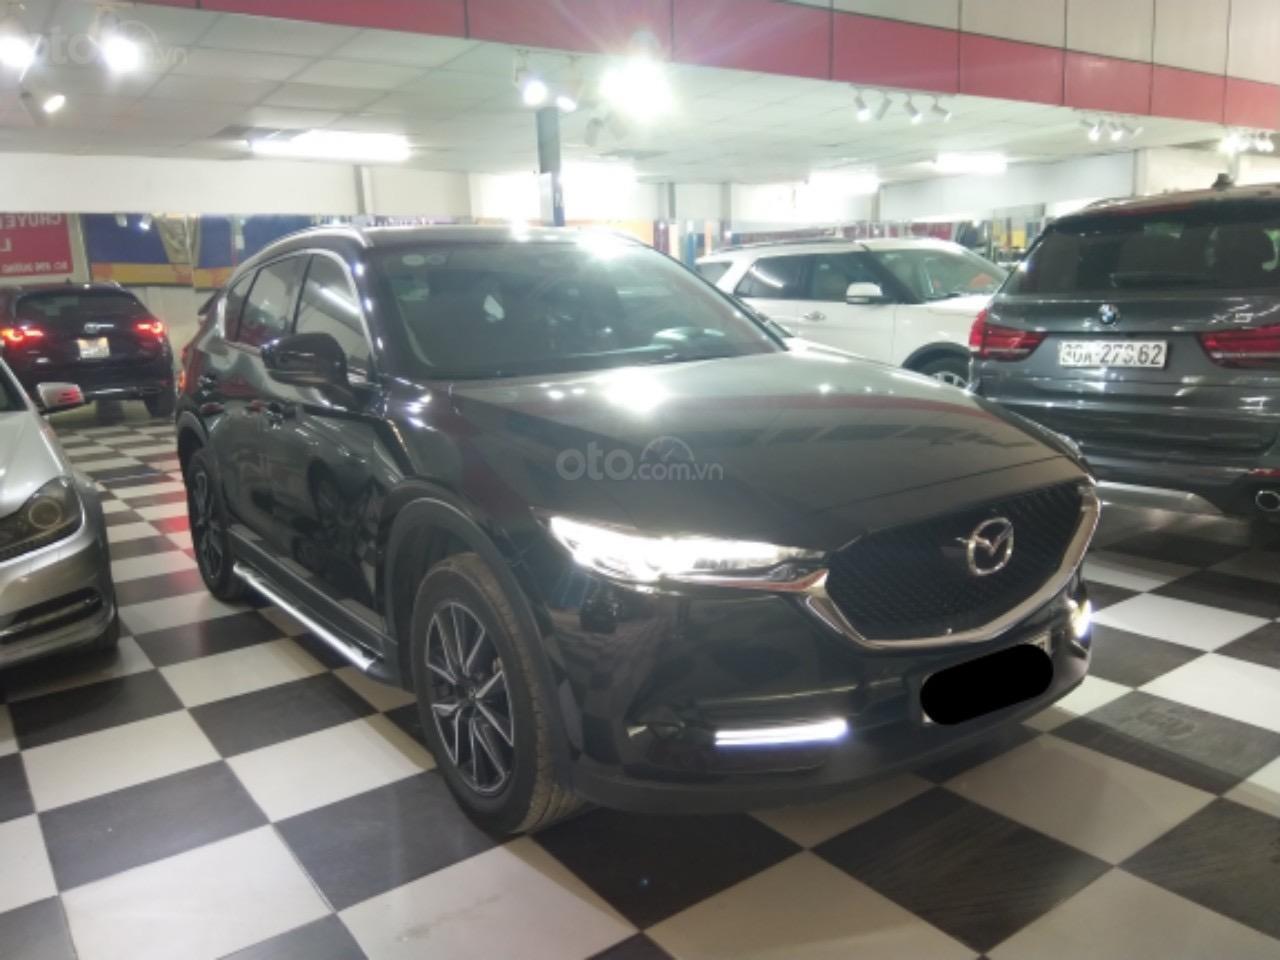 Bán Mazda CX 5 AT 2 WD SX 2018, màu đen, liên hệ: 0974299922 (3)